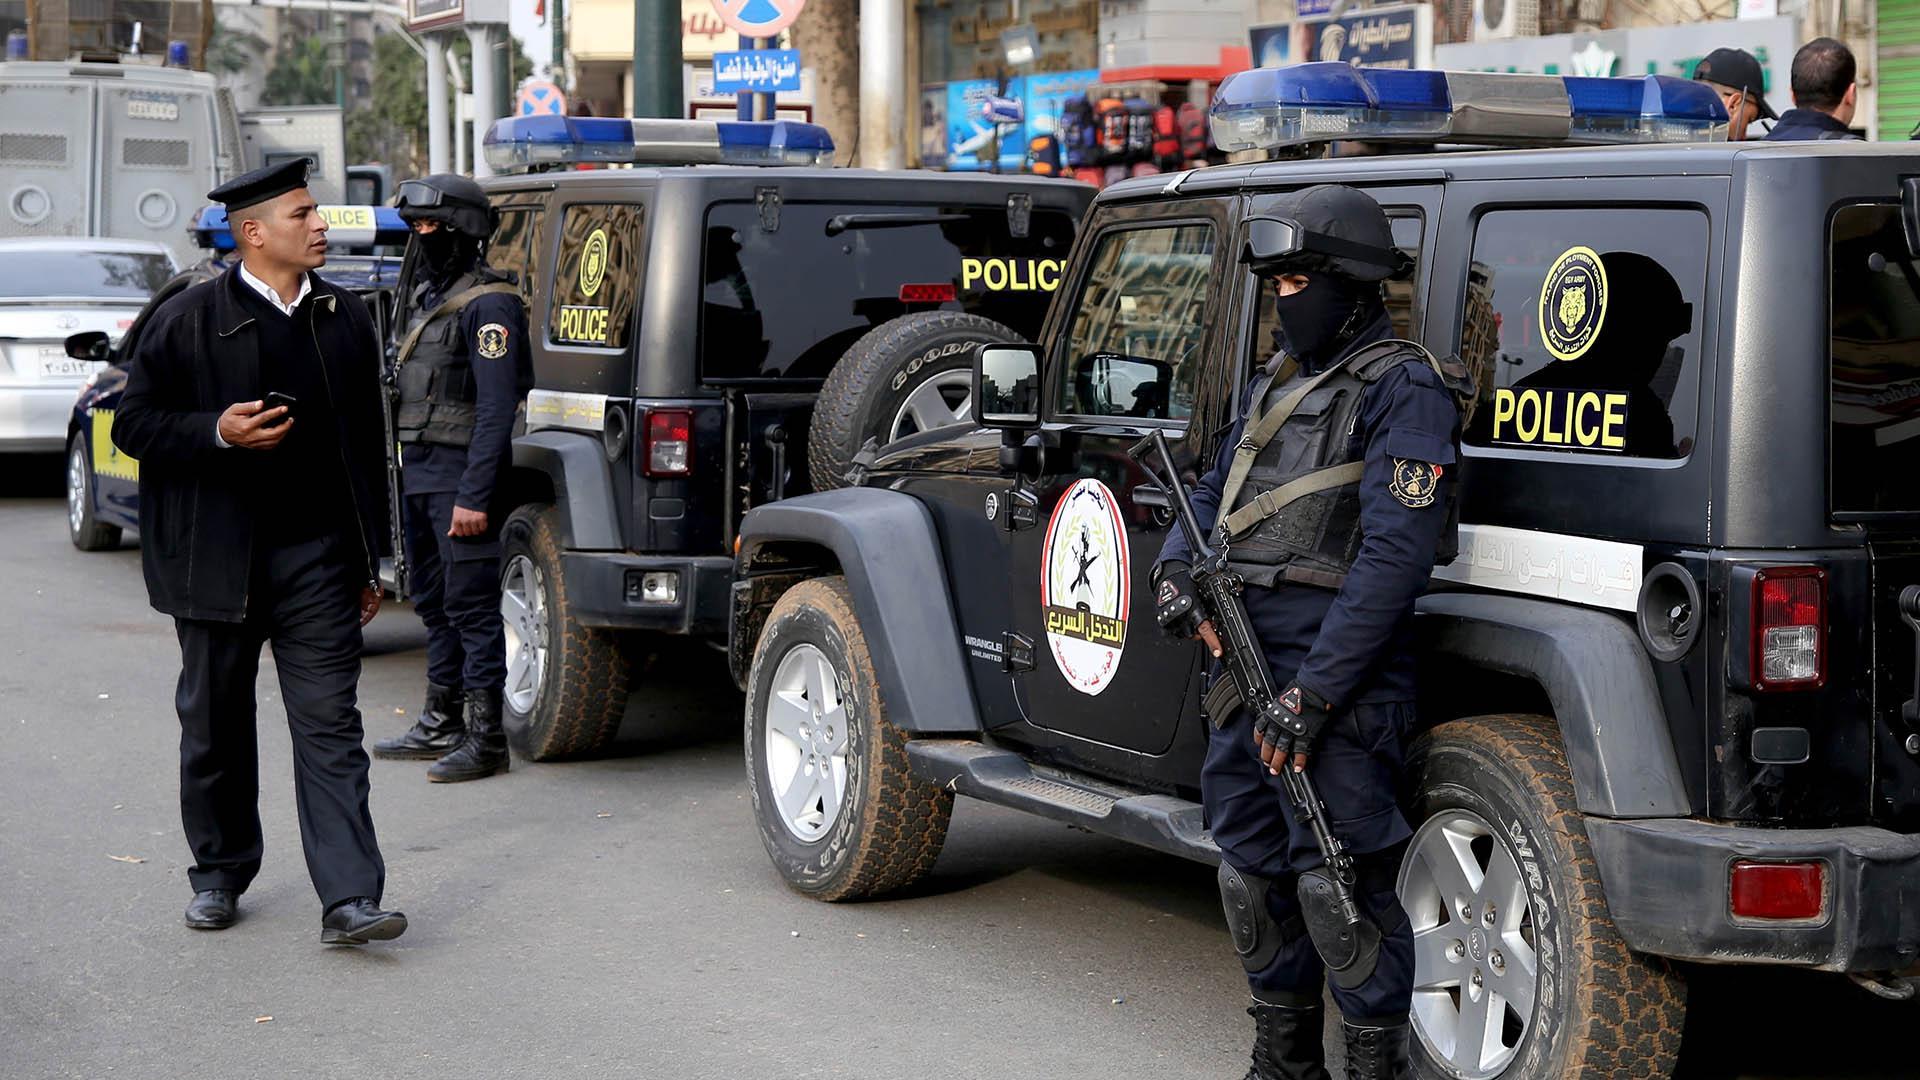 مصر .. دعوات لفتح تحقيق في التعذيب